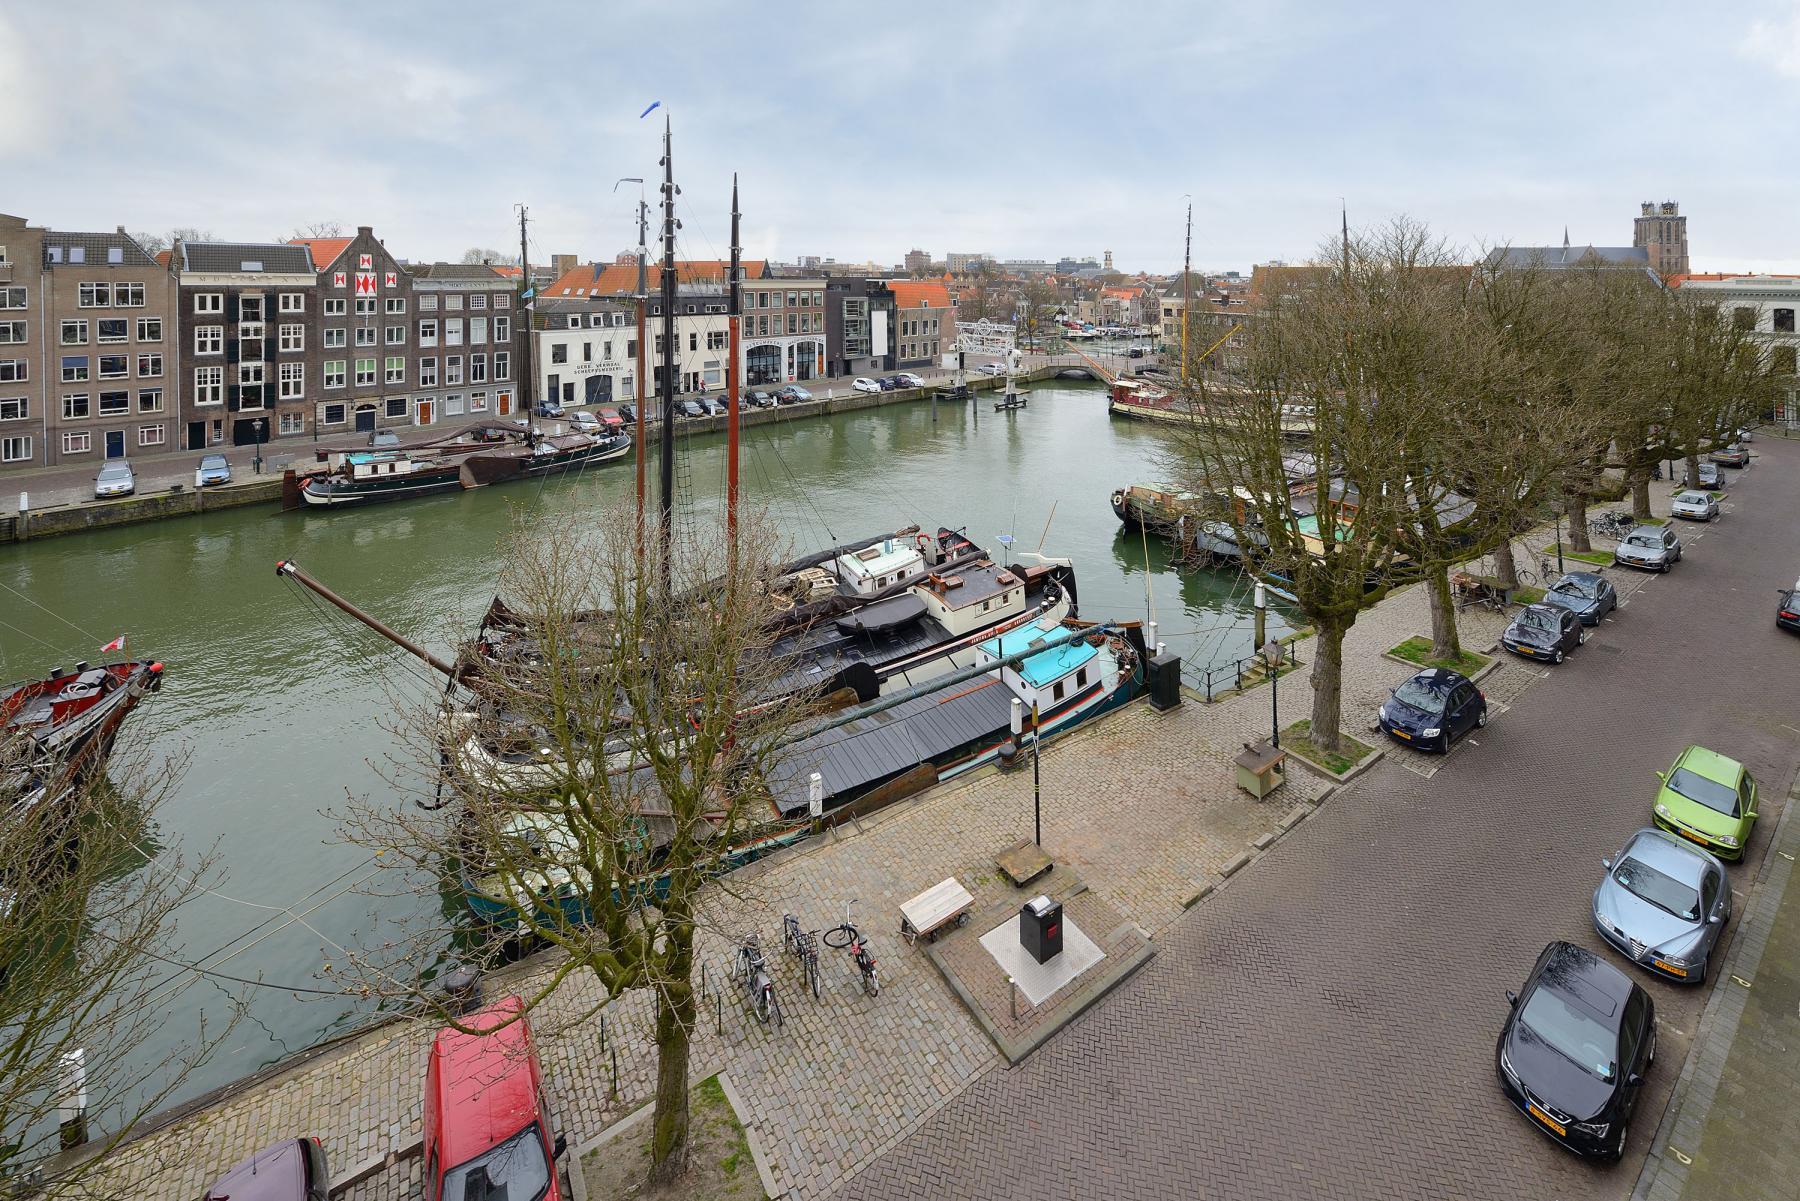 uitzicht op water haven parkeerruimte straat bomen boten kantoorpand dordrecht